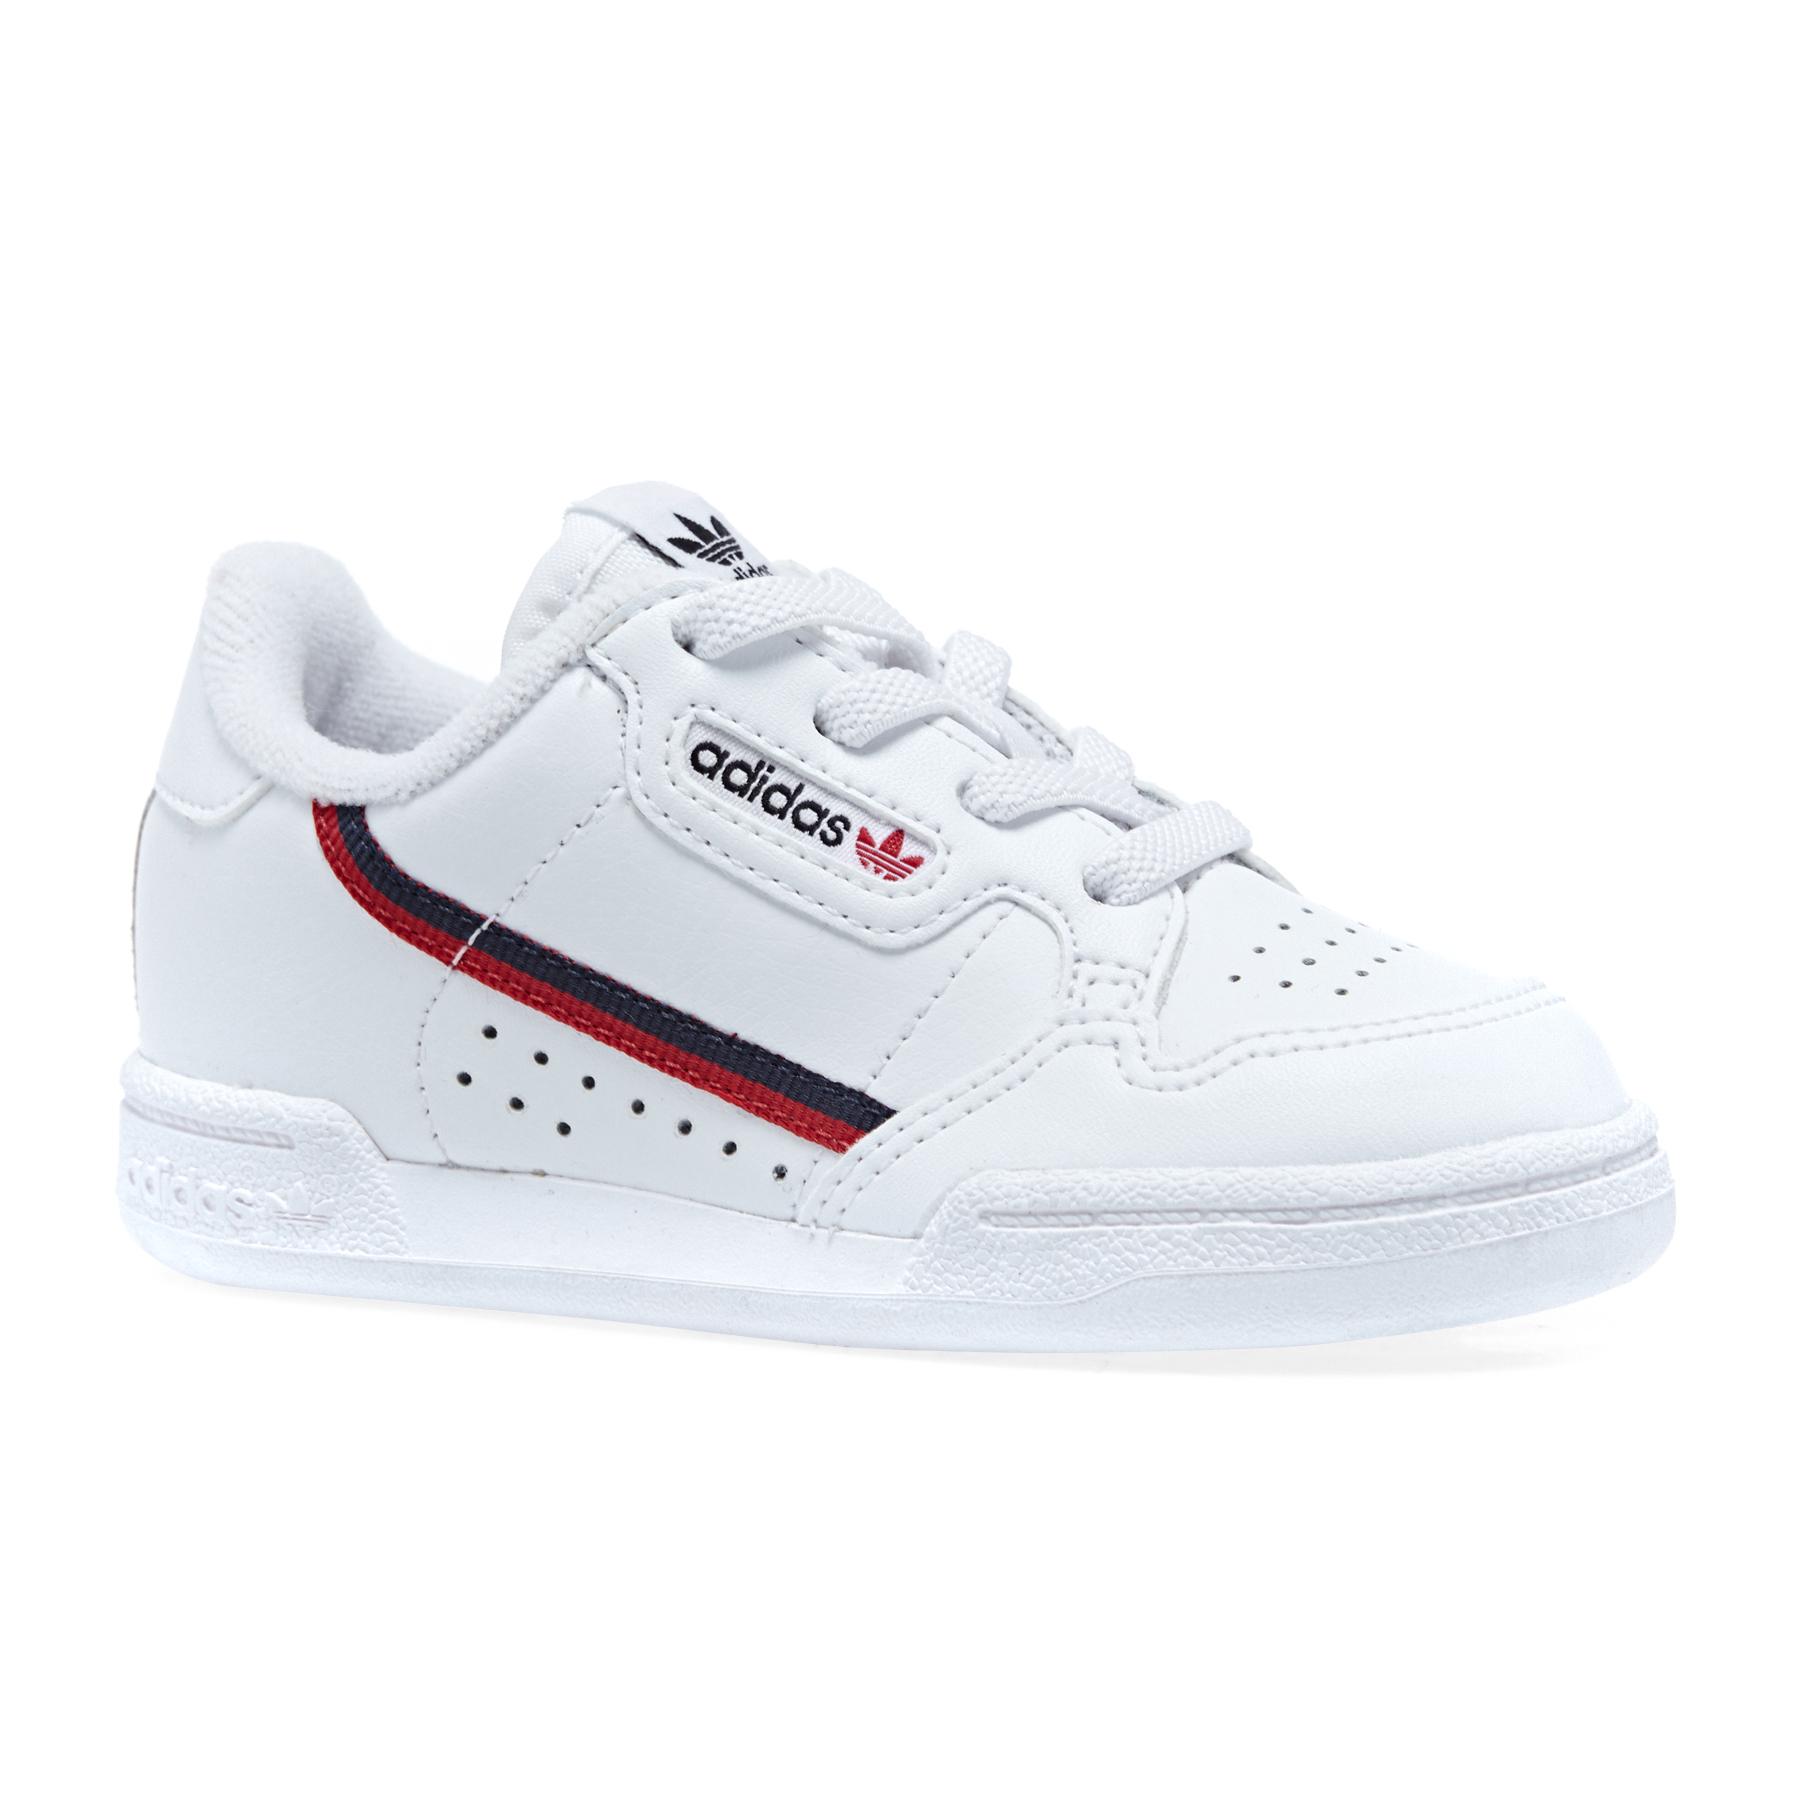 Adidas Originals Continental 80 Infant Schuhe   Kostenlose